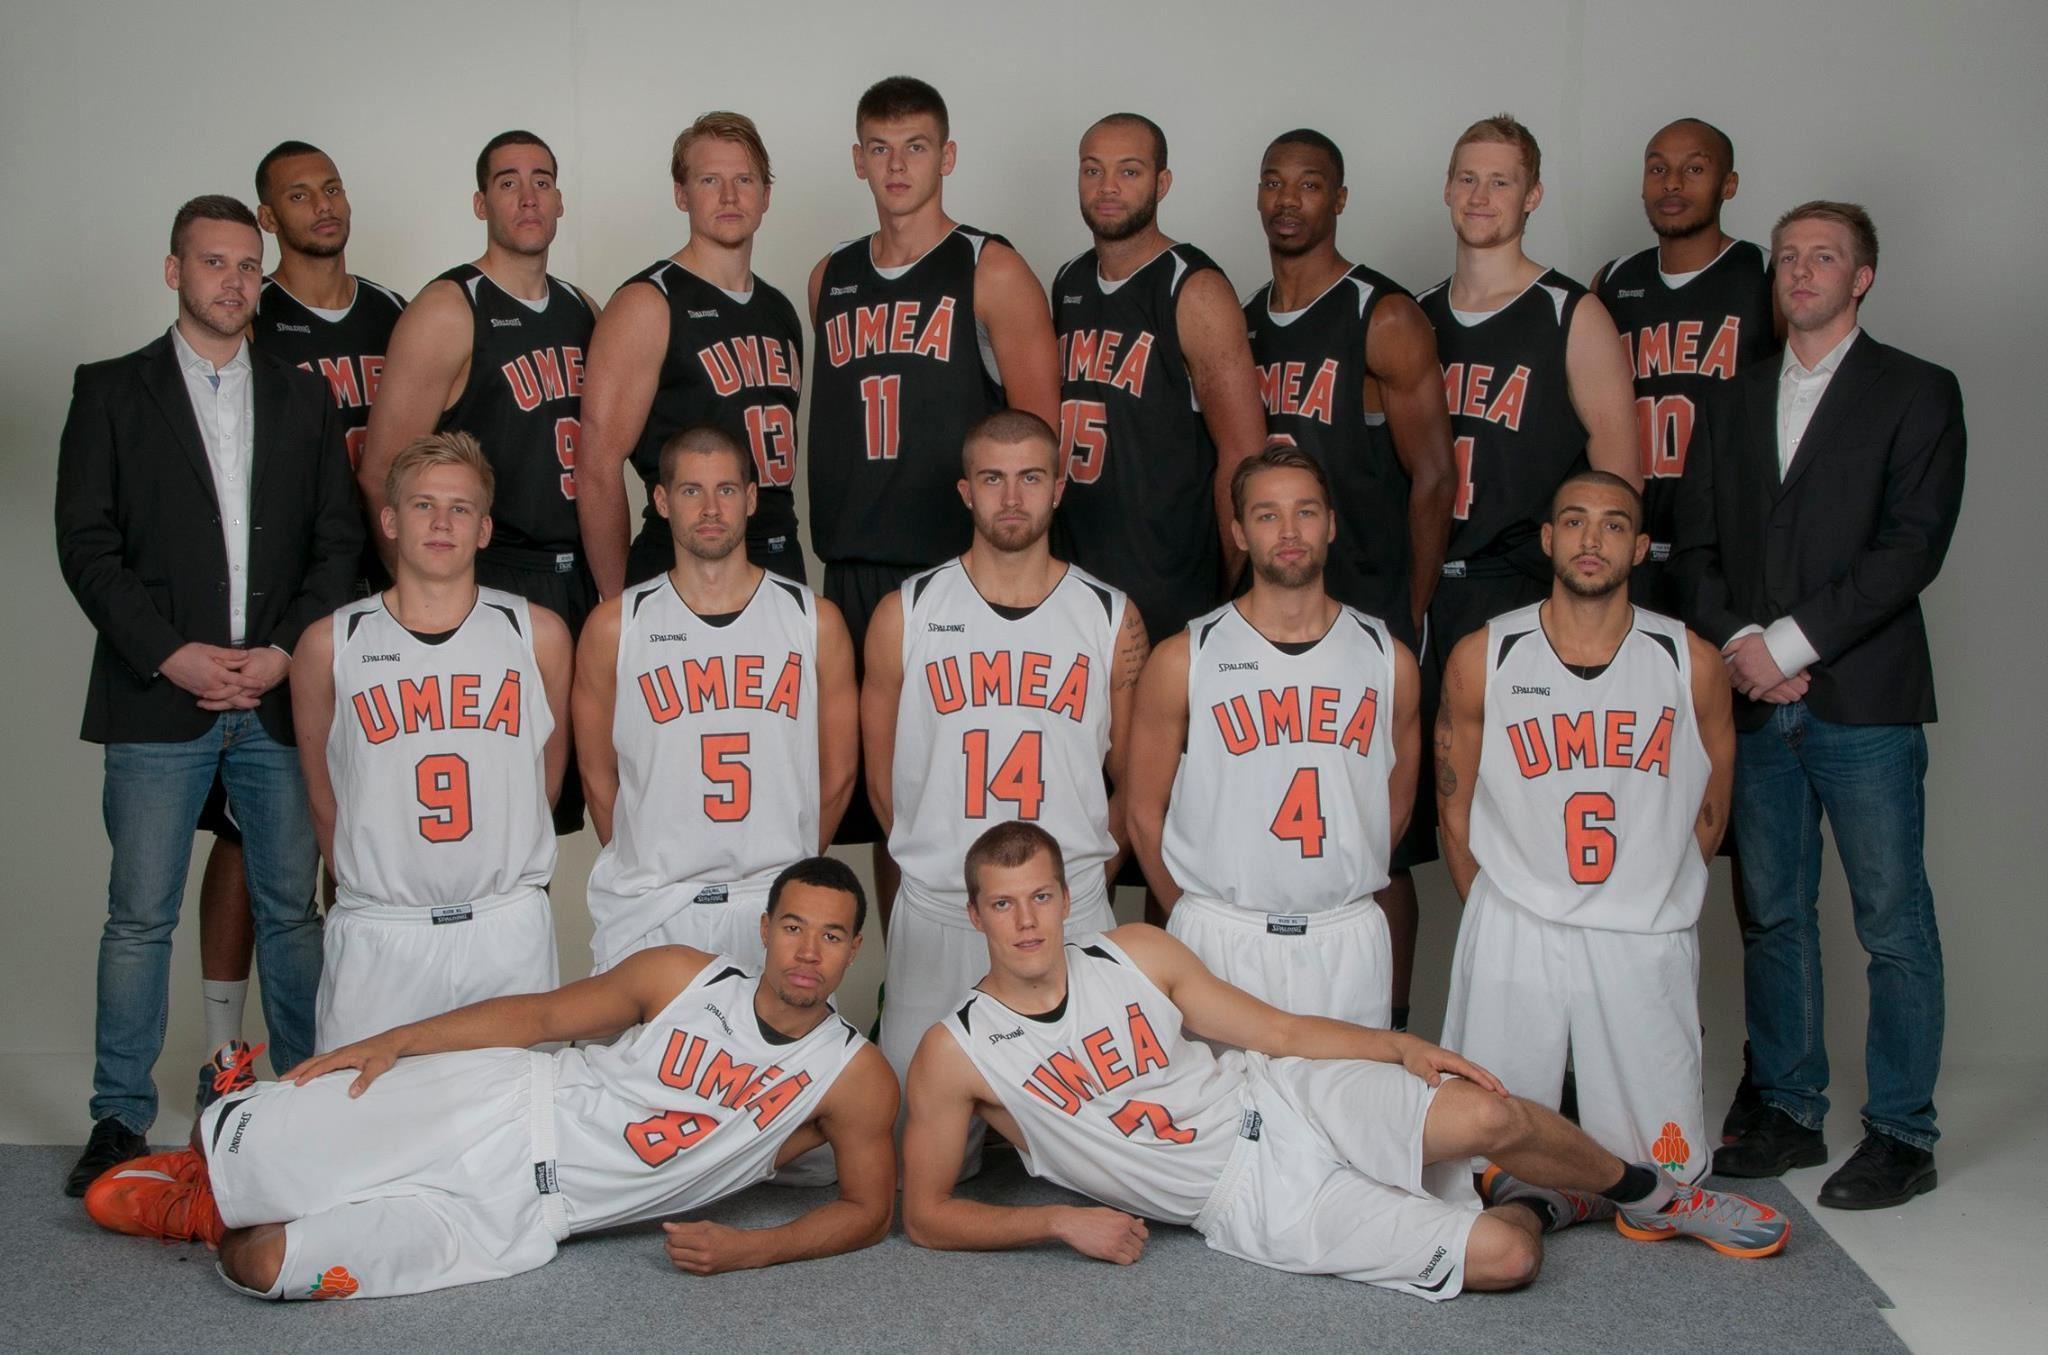 Umeå BSKT - Basketball League Men